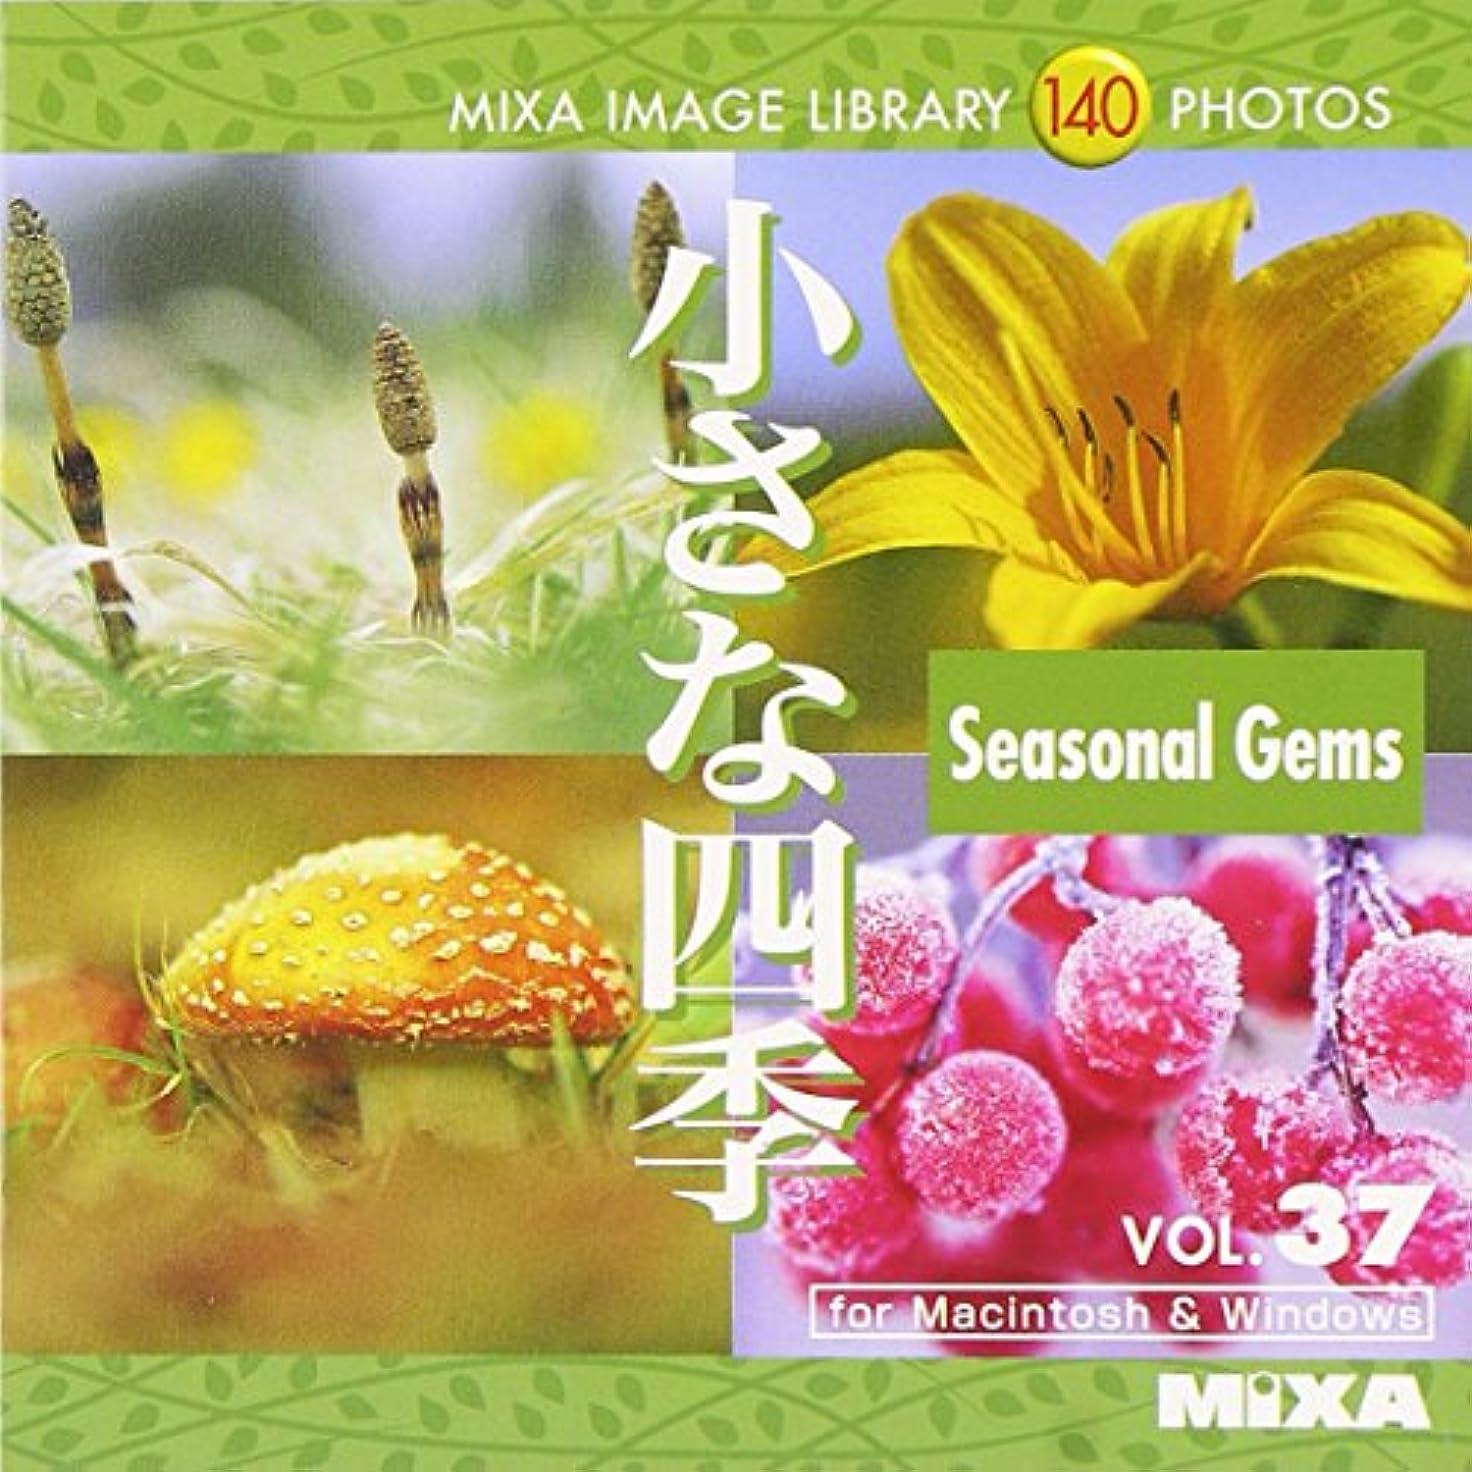 テレビ礼拝実証するMIXA Image Library Vol.37「小さな四季」